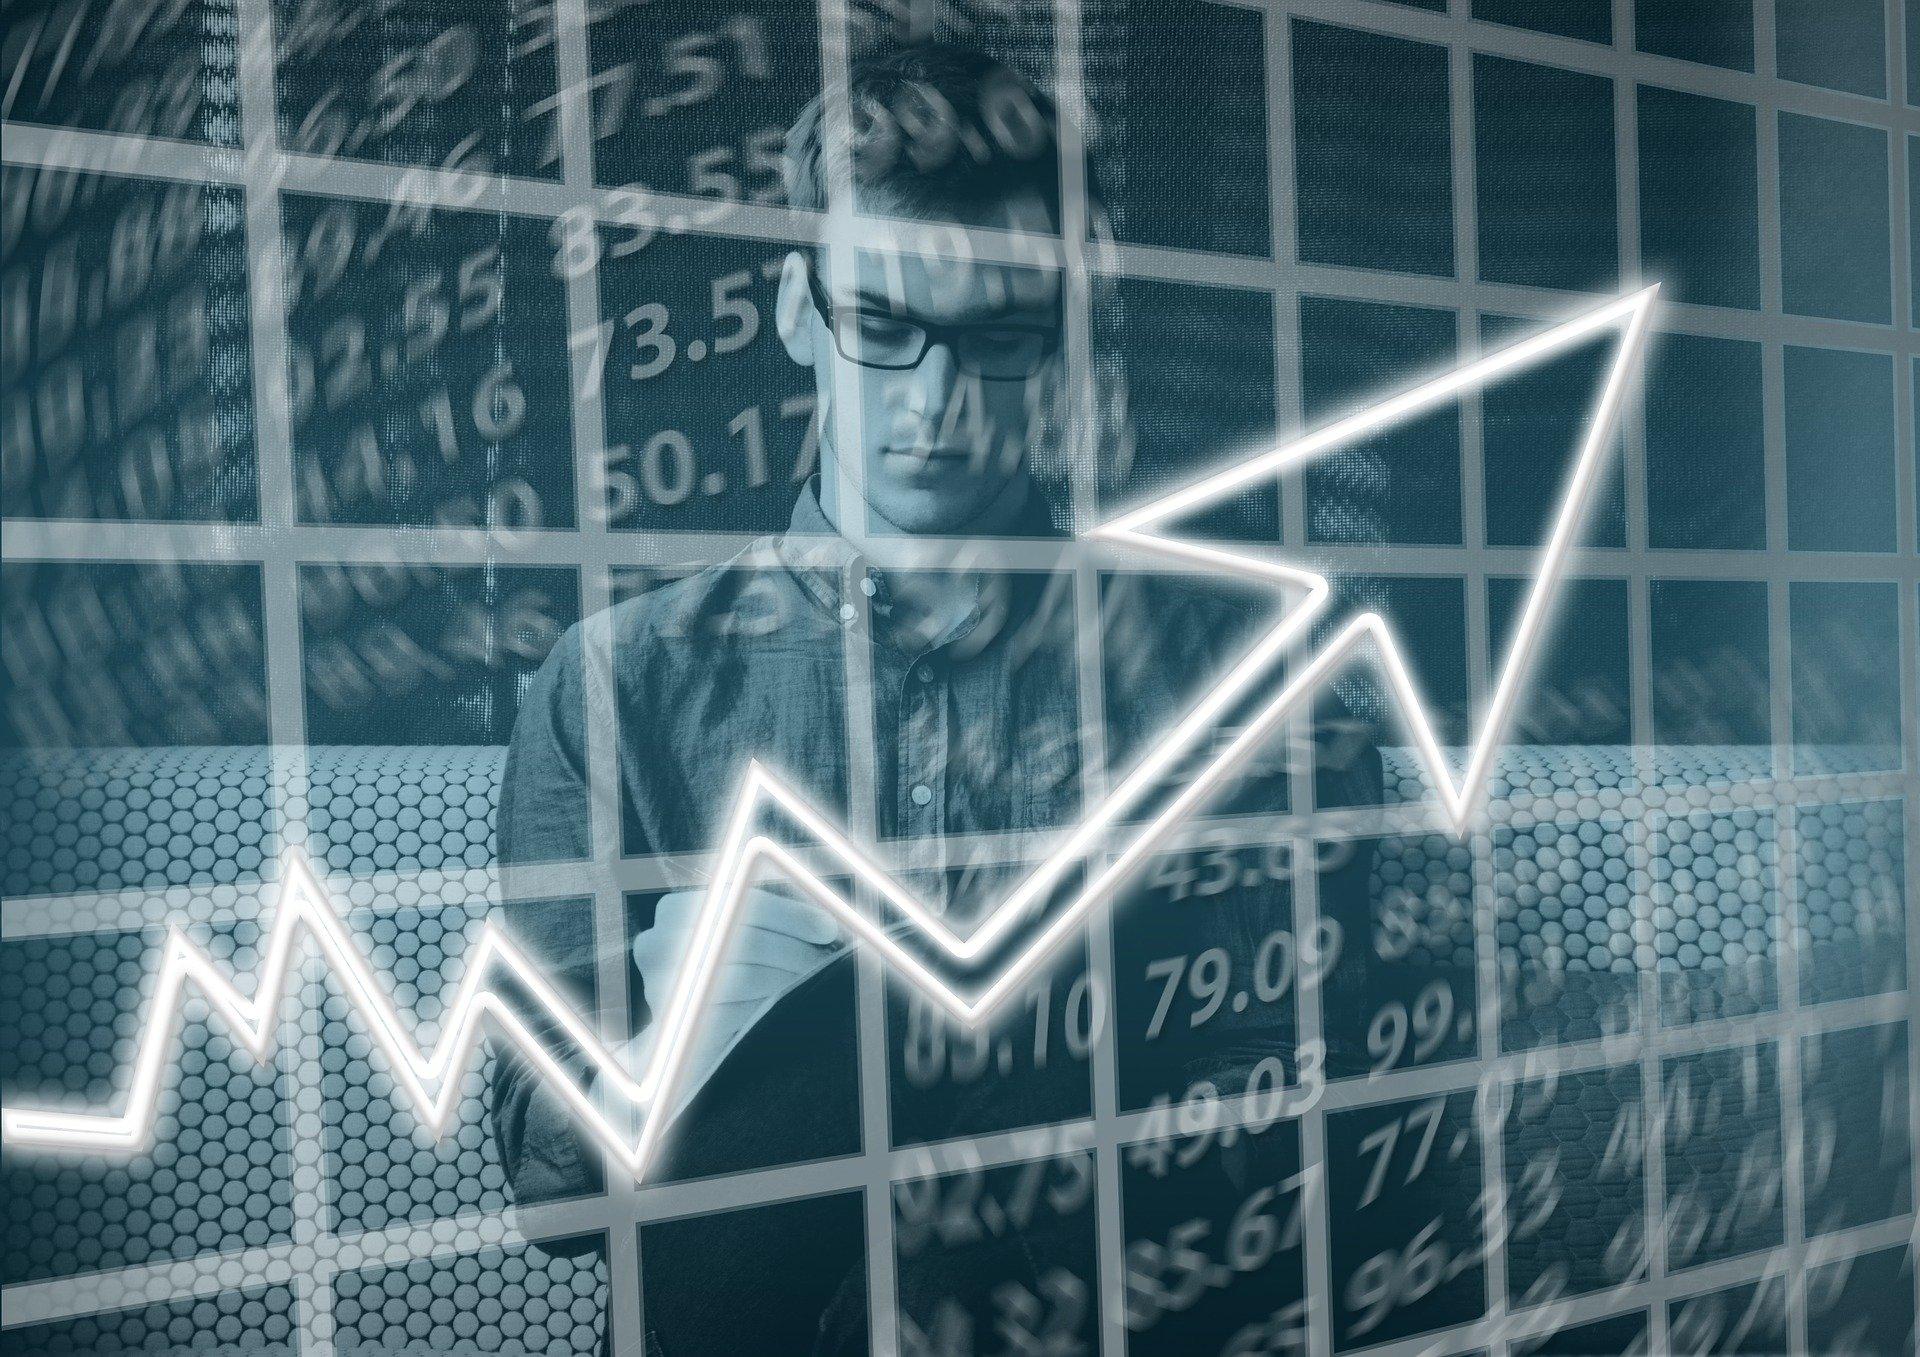 Dostaví se na realitní trh krize?